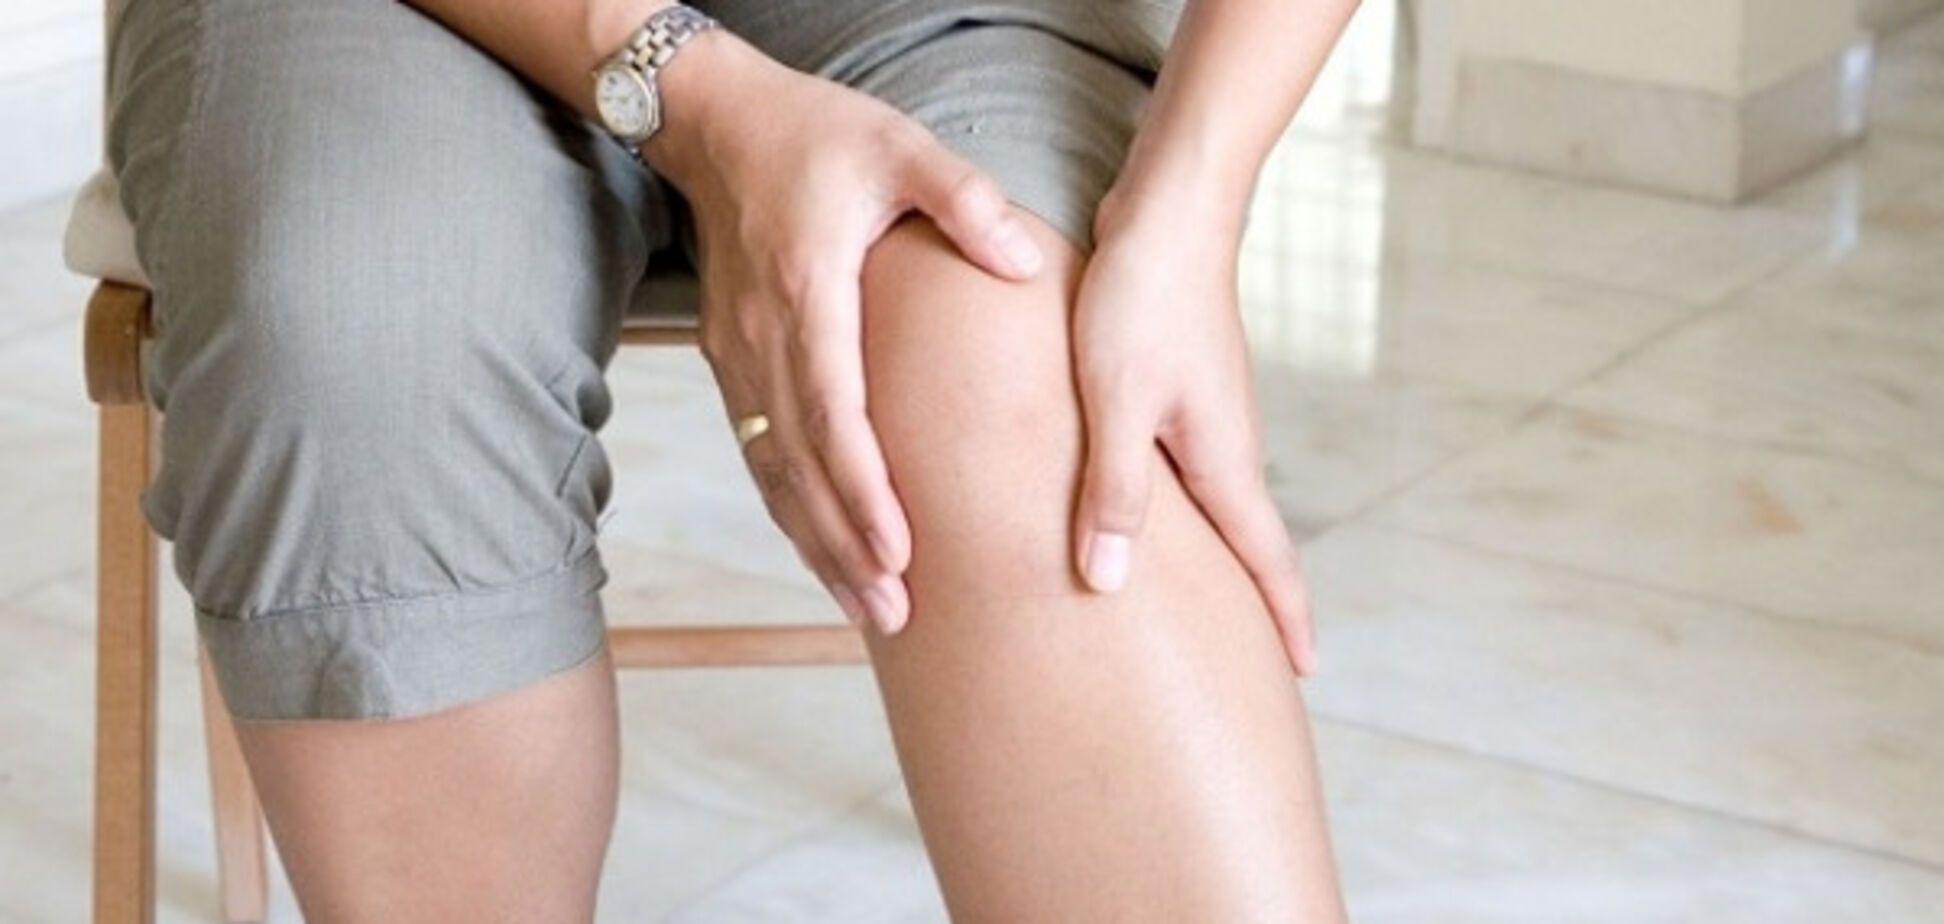 Лікарі попереджають: набряклість ніг може бути симптомом небезпечного для життя стану